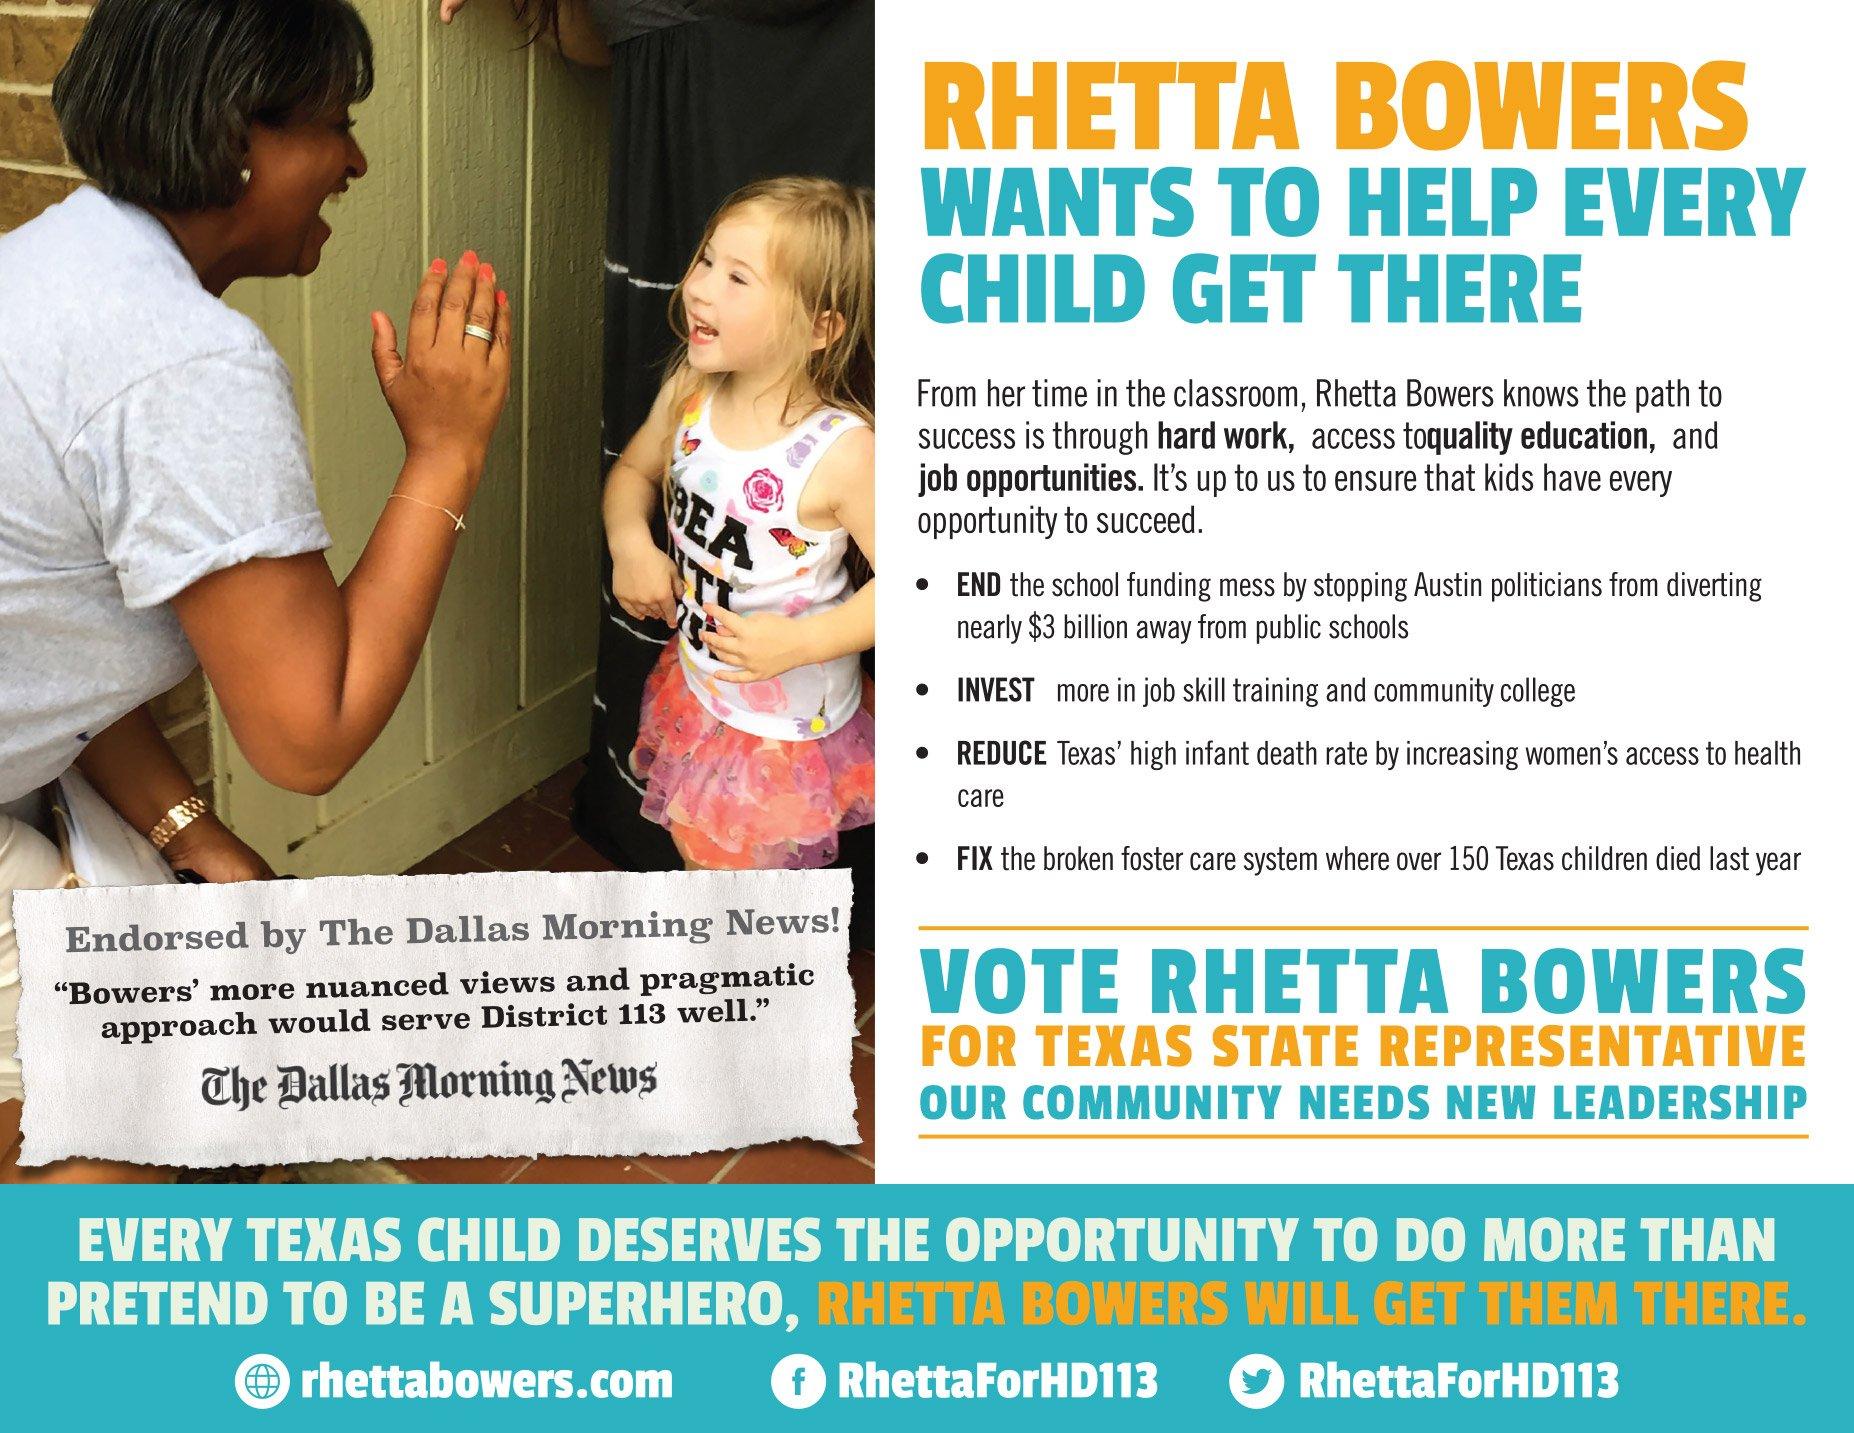 Rhetta Bowers